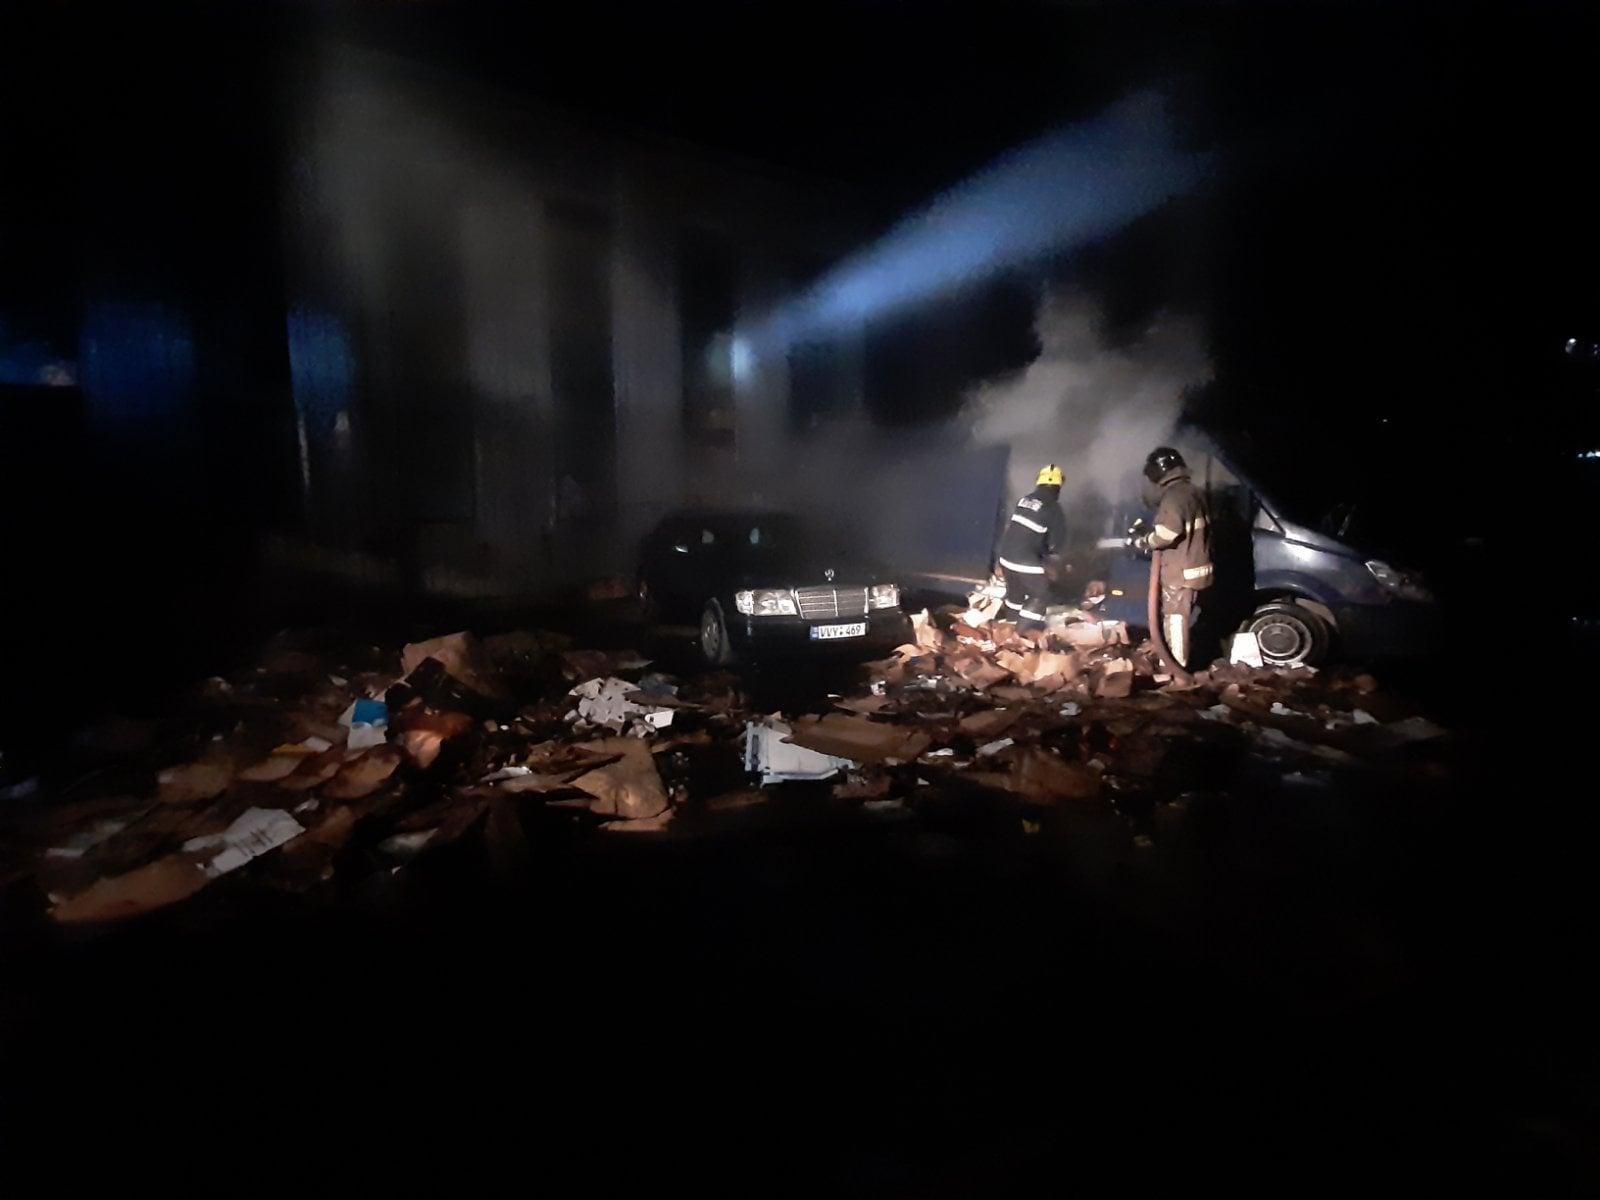 Mașini cuprinse de flăcări la Telecentru. De la ce a izbucnit incendiul? (VIDEO)